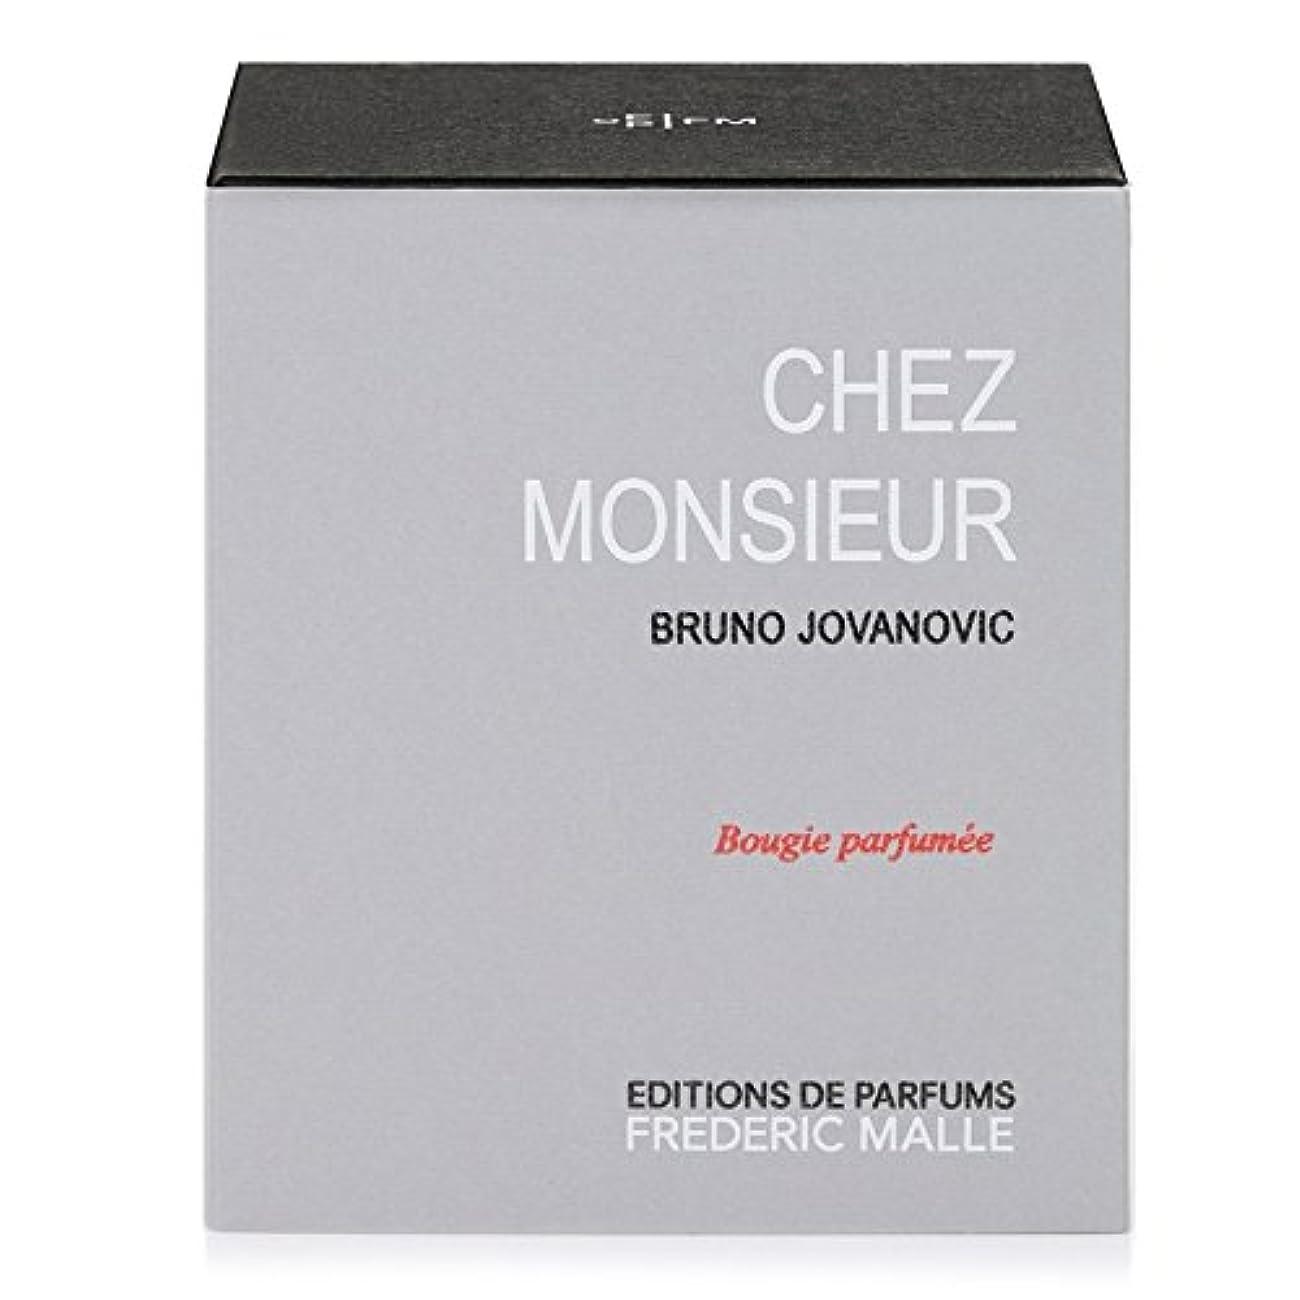 付属品ウッズ建てるFrederic Malle Chez Monsieur Scented Candle 220g (Pack of 2) - フレデリック?マルシェムッシュ香りのキャンドル220グラム x2 [並行輸入品]